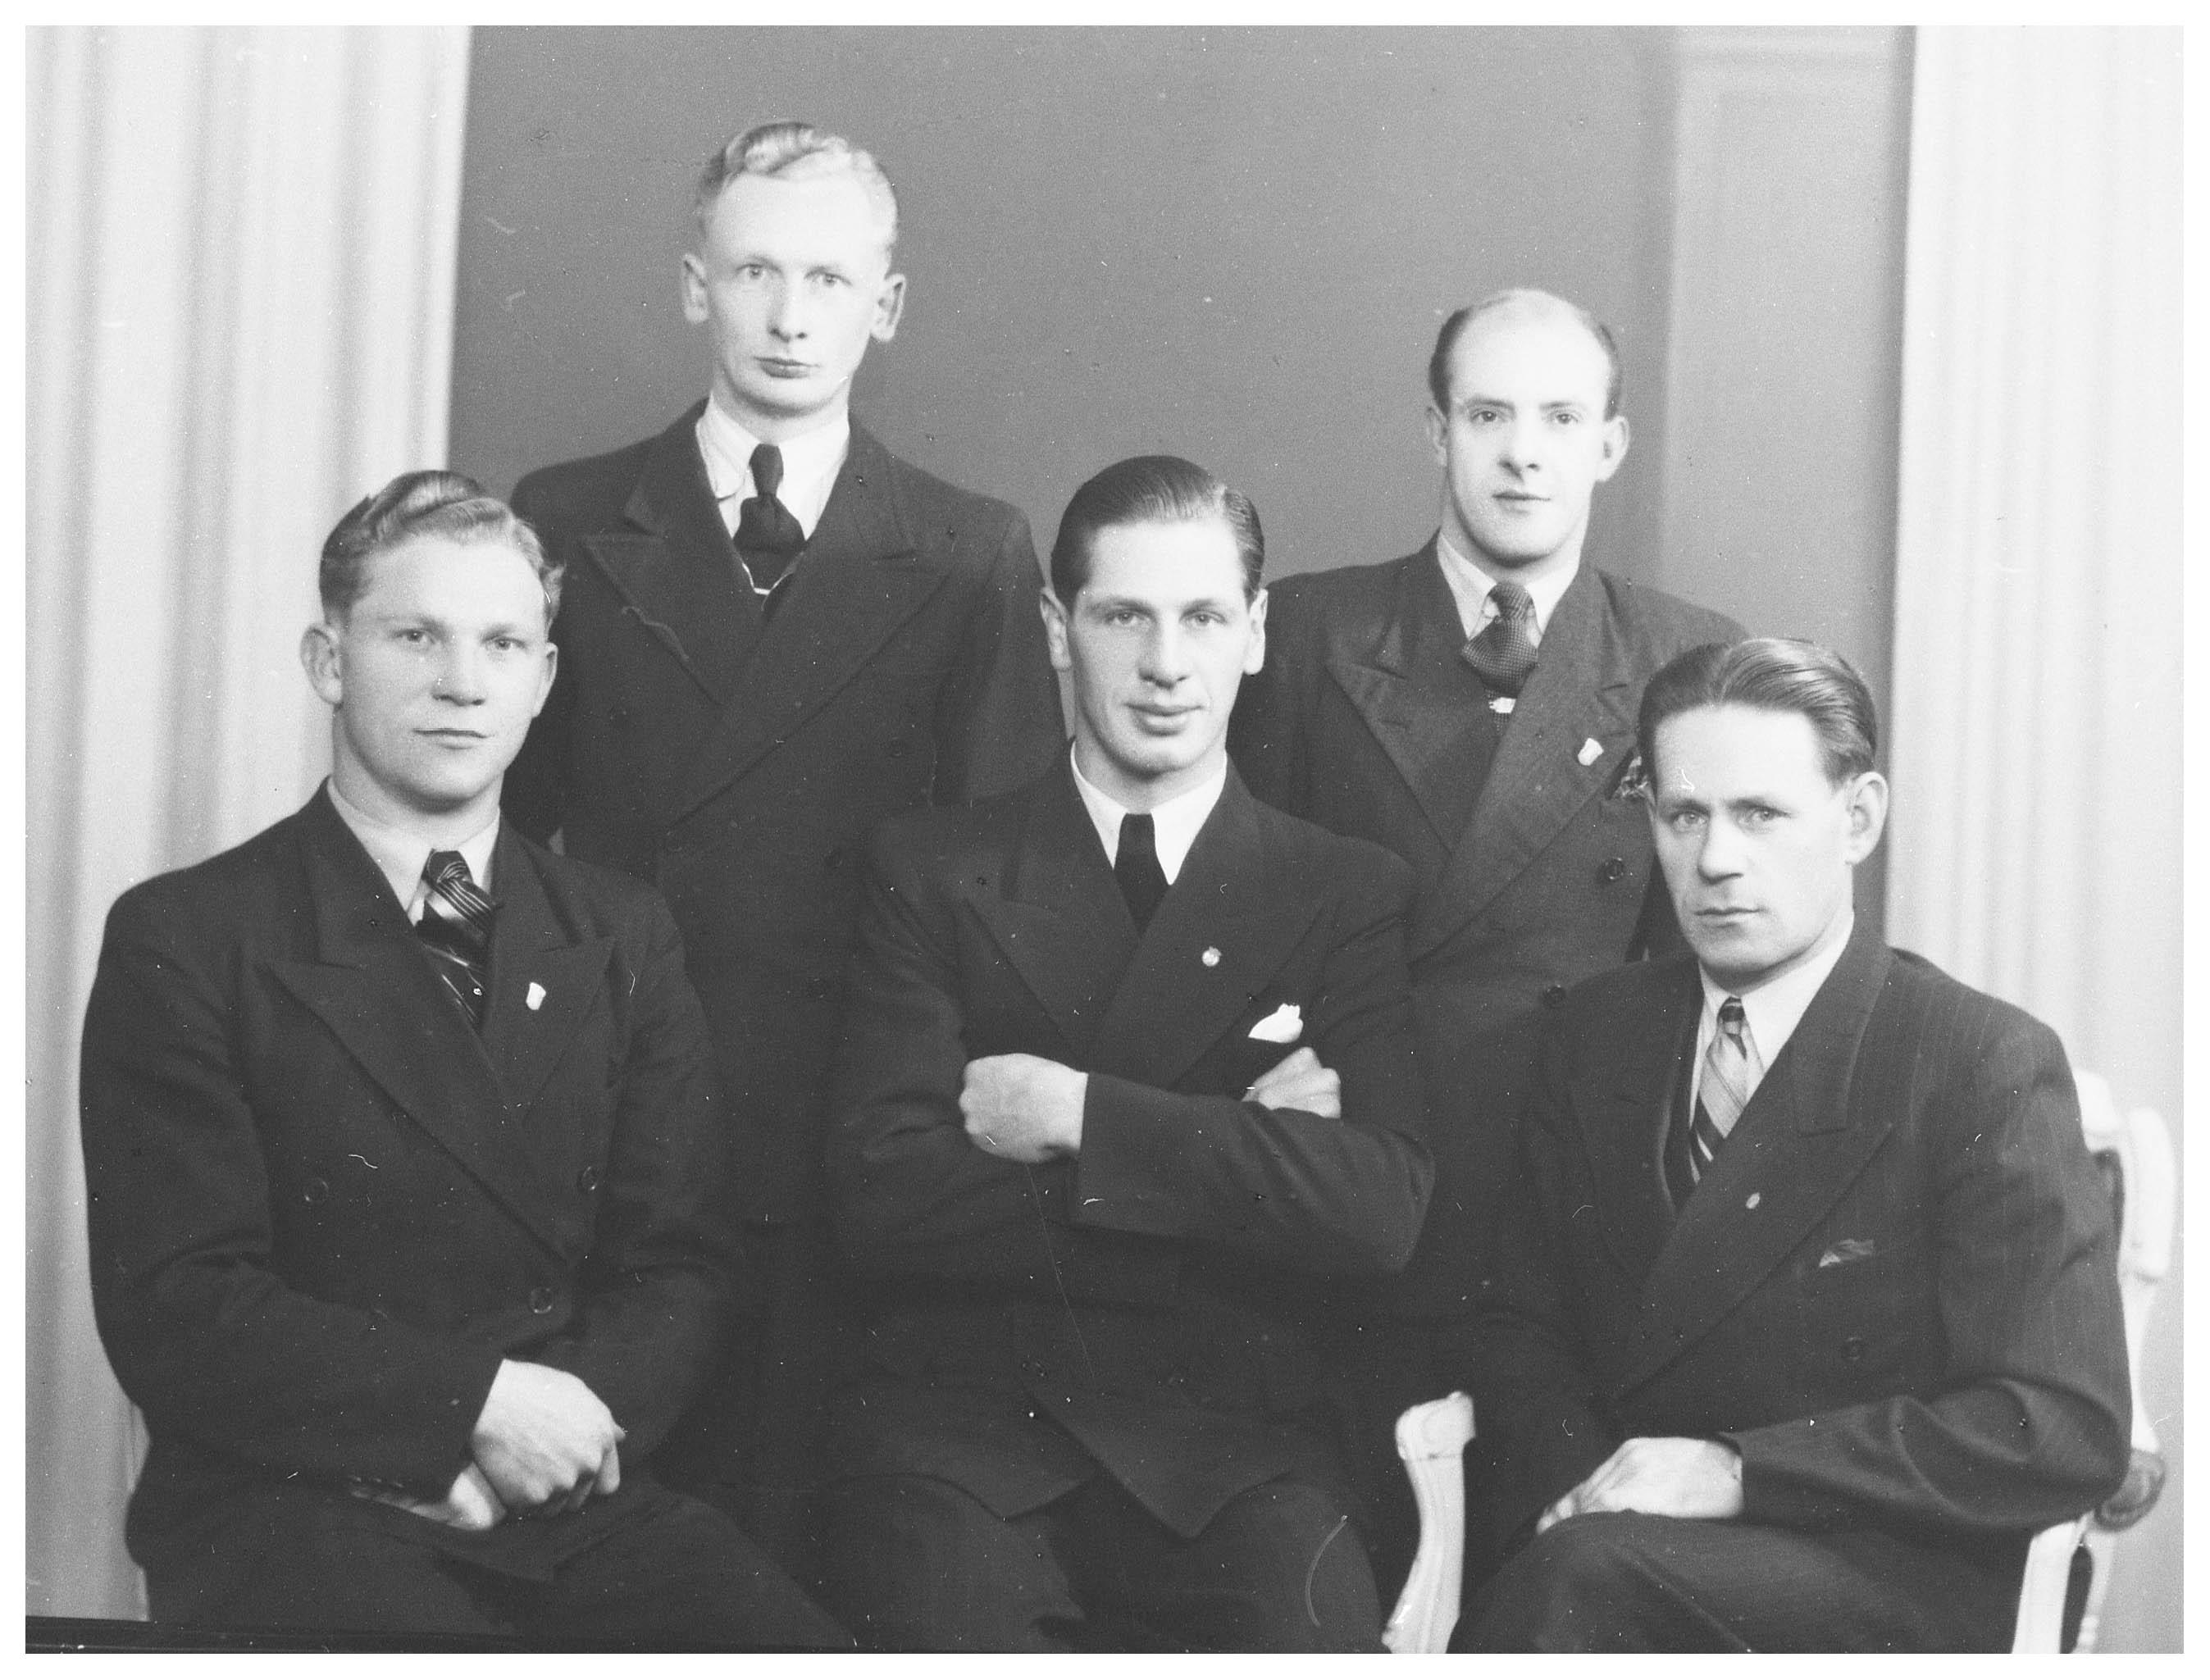 Fem män uppställda för foto. Samtliga bär mörk kostym, skjorta och slips.